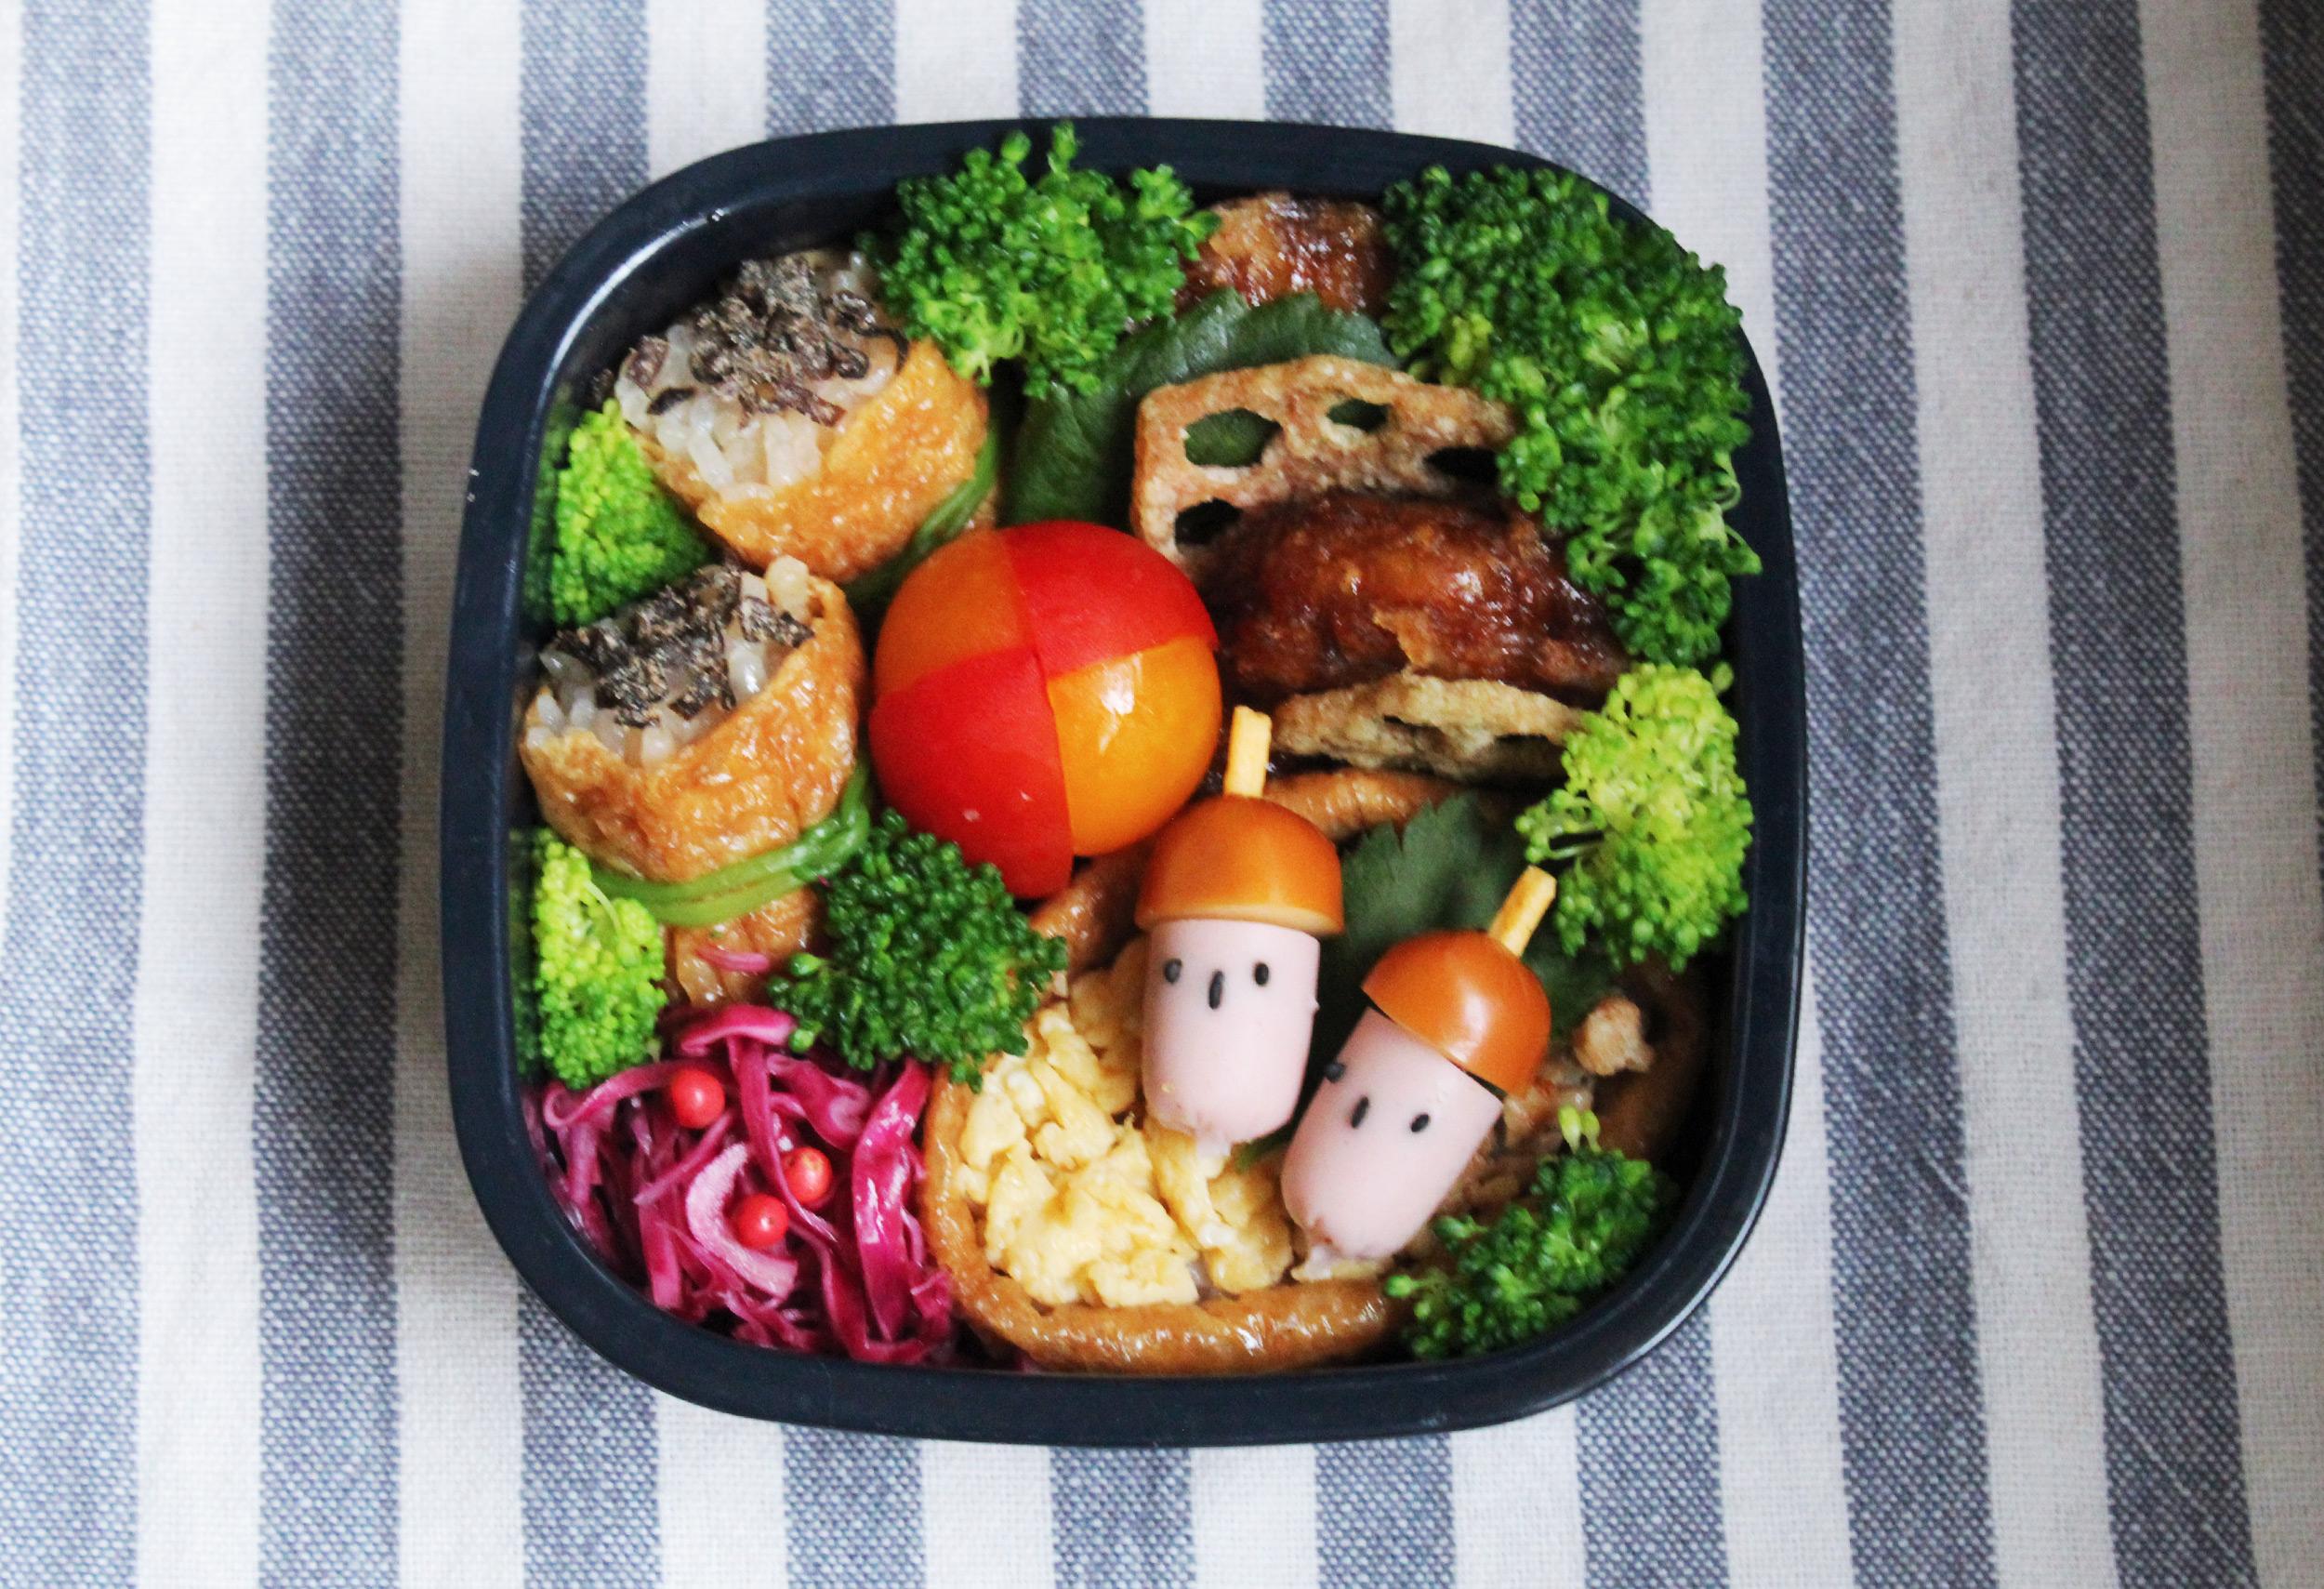 ひとくちおいなりさん-食べられるどんぐりのおこさま弁当 - お弁当の詰め方と盛り付けのコツ - 幼稚園年少さん